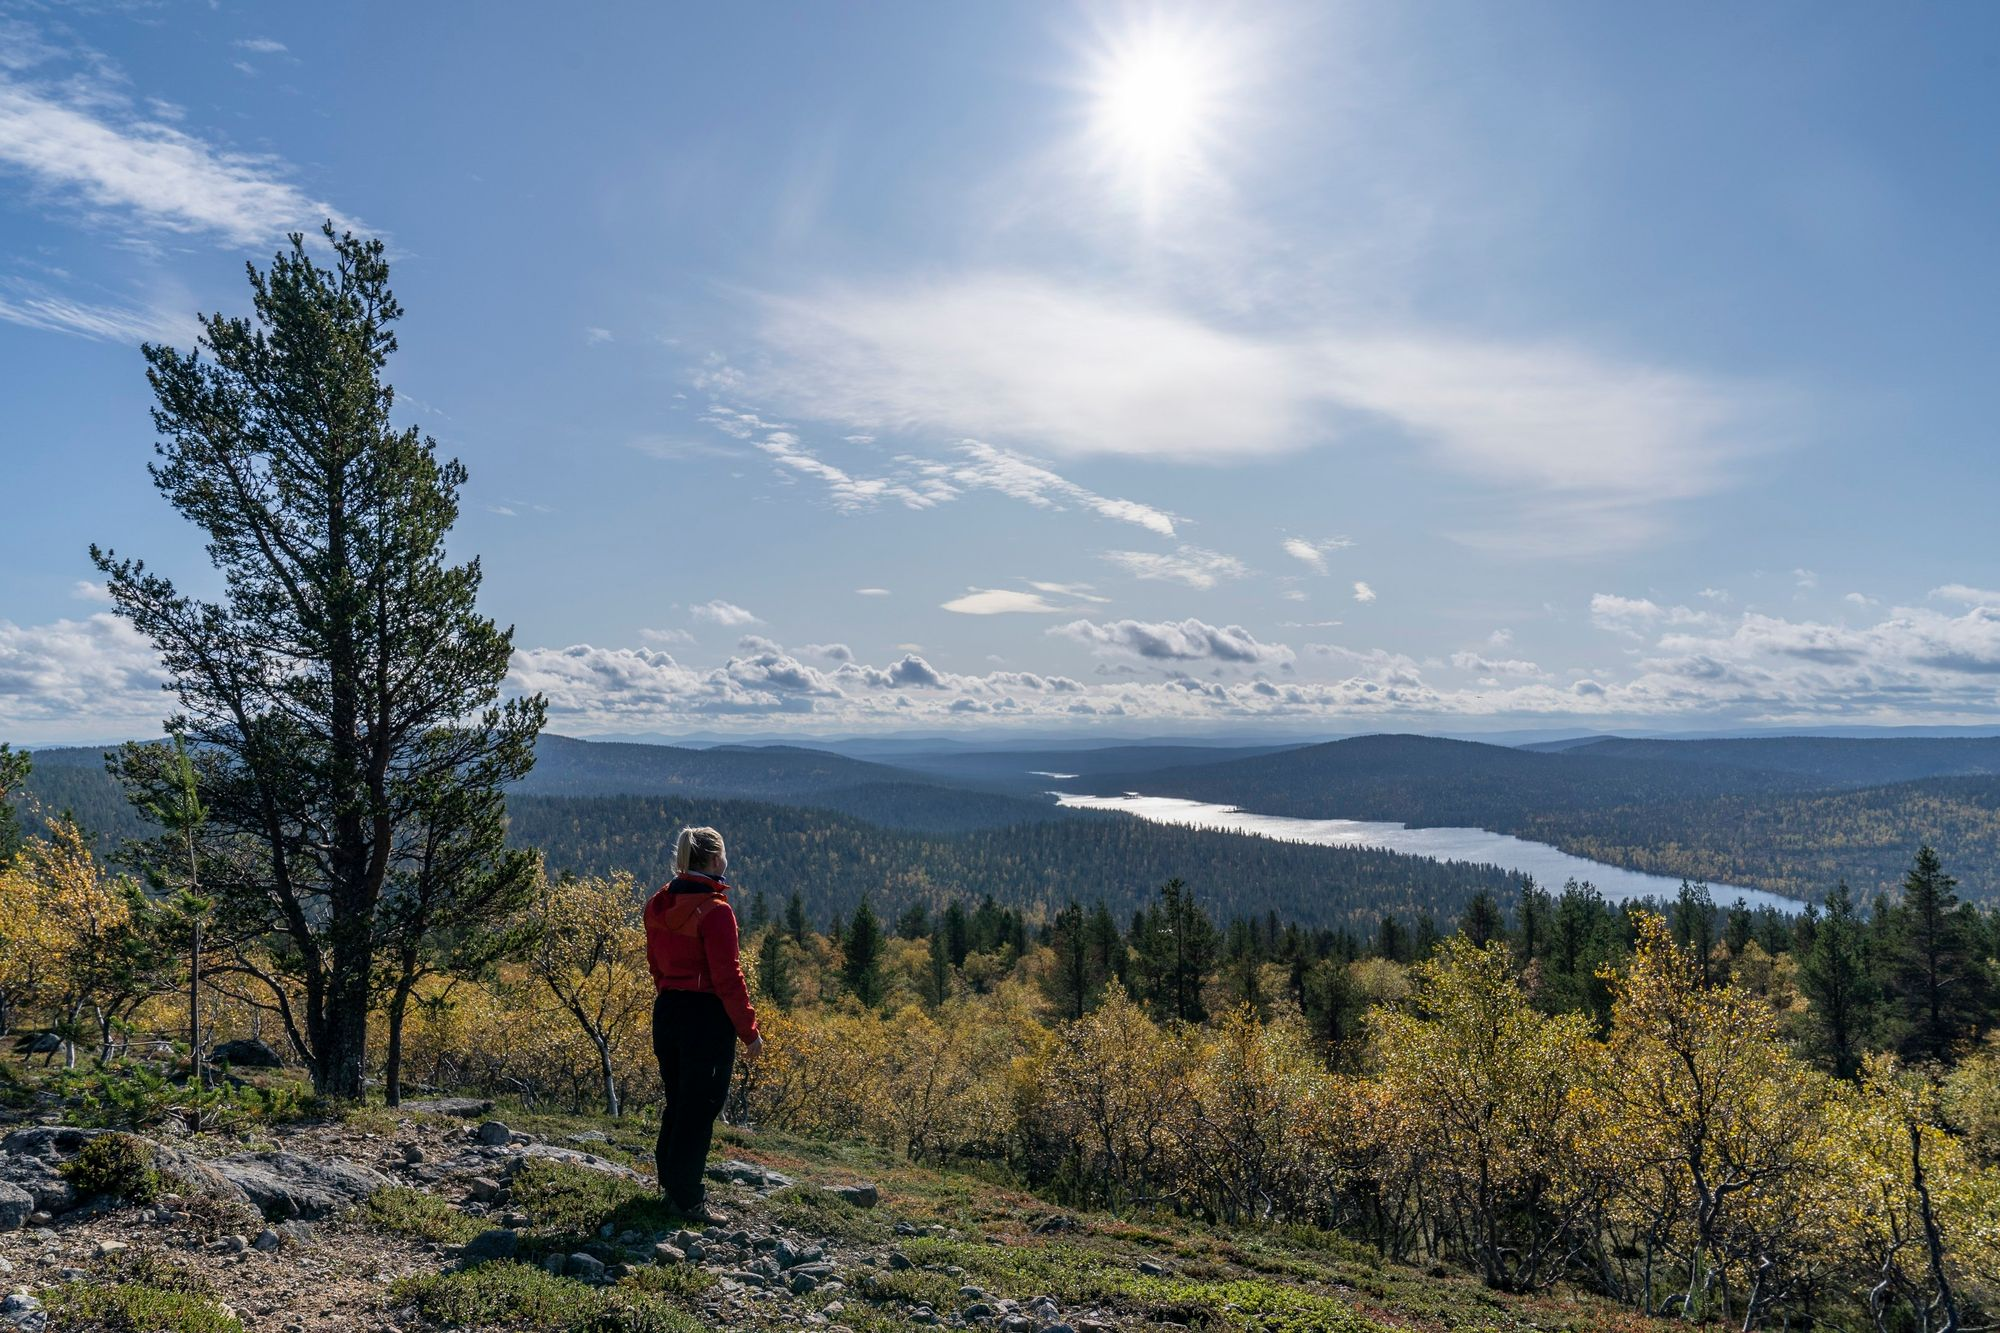 Luontomatkailu kiinnostaa tutkimusten mukaan entistä useampaa suomalaista.